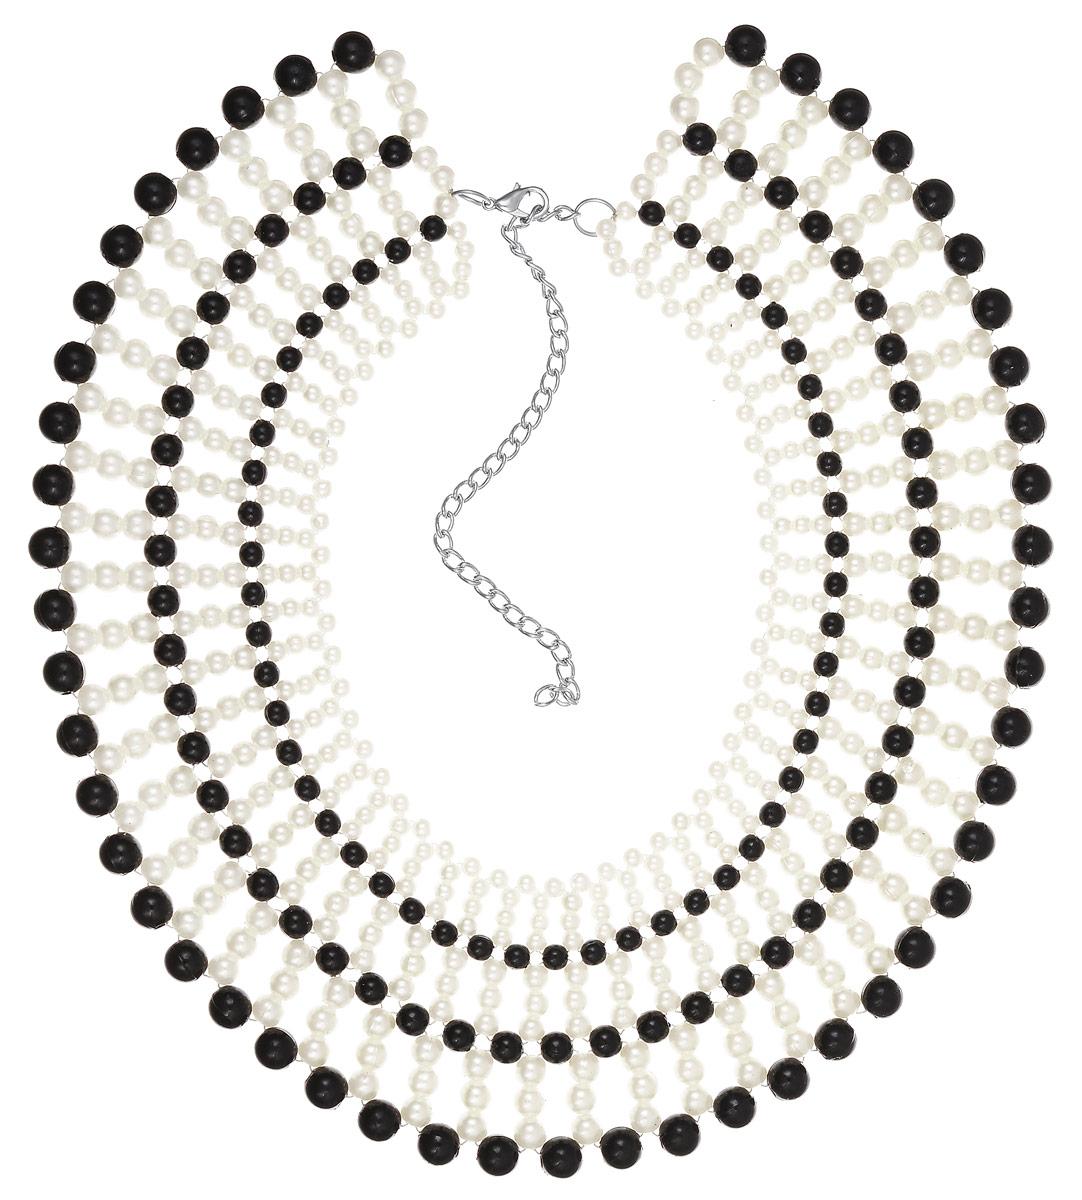 Колье Fashion House, цвет: серебряный, белый, черный. FH33053FH33053Стильное колье Fashion House не оставит равнодушной ни одну любительницу модных и необычных украшений. Колье представляет собой композицию из пластиковых бусин разных размеров, соединенных между собой в оригинальное кружевное плетение. Сочетание цветов и форм придает изделию оригинальность и индивидуальность. Колье имеет надежную застежку-карабин с регулирующей длину цепочкой. Такое украшение позволит вам с легкостью воплотить самую смелую фантазию и создать собственный, неповторимый образ.